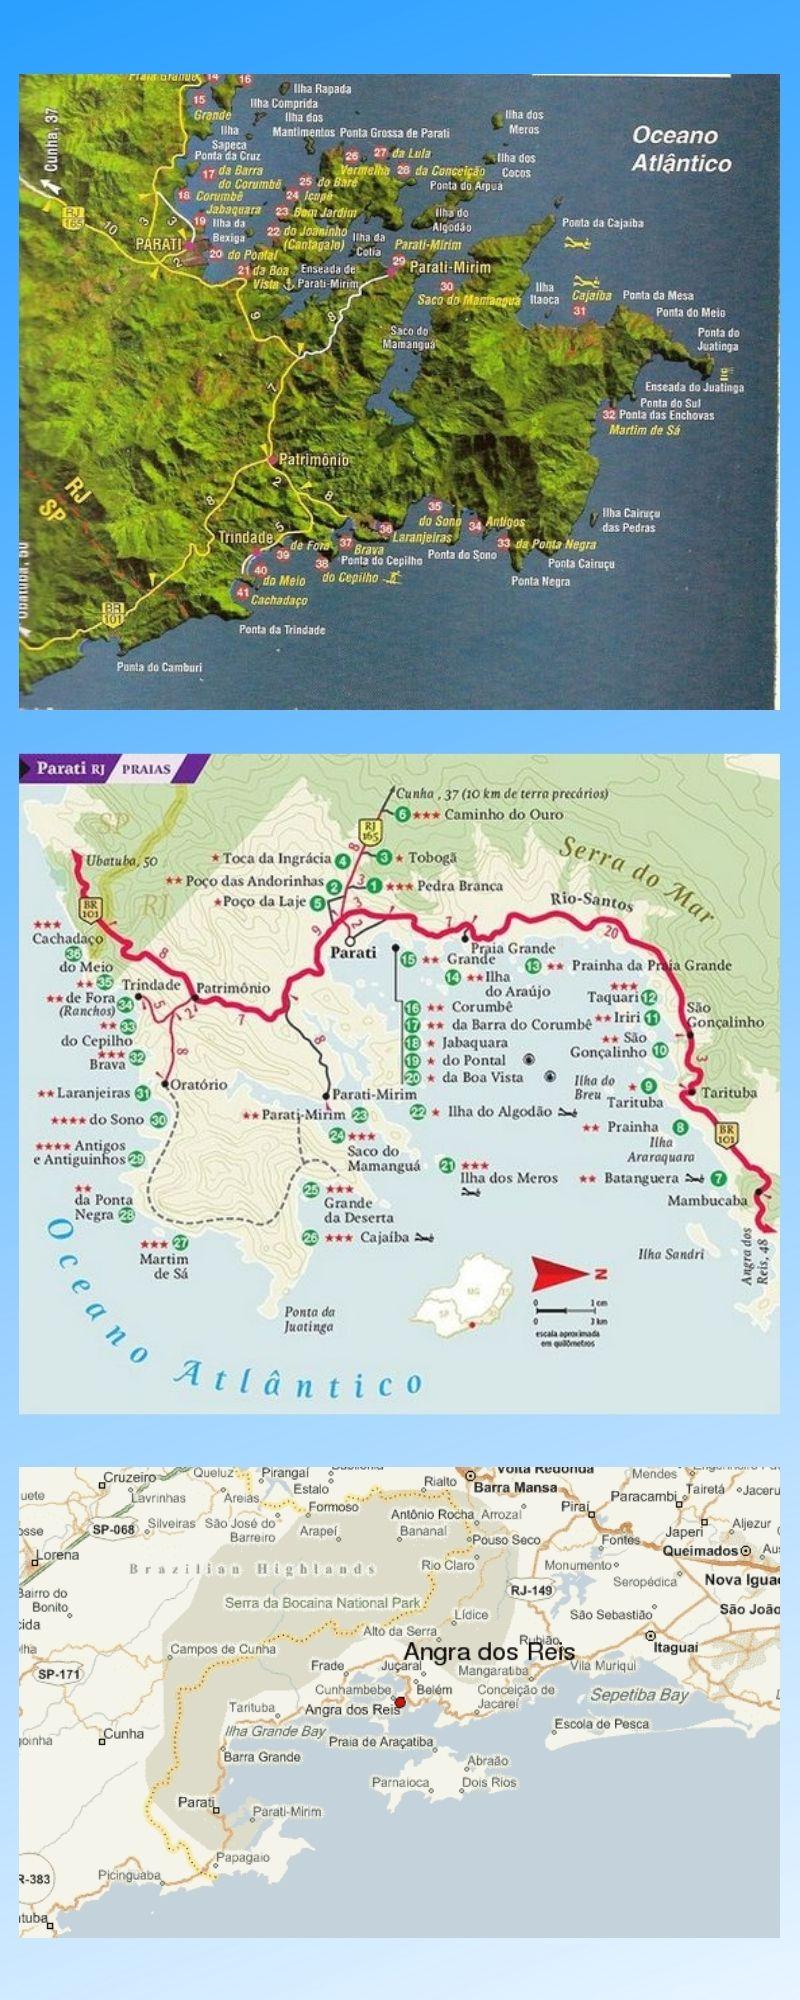 Infográfico Atrações Turísticas do Rio de Janeiro (Angra e Paraty) 2